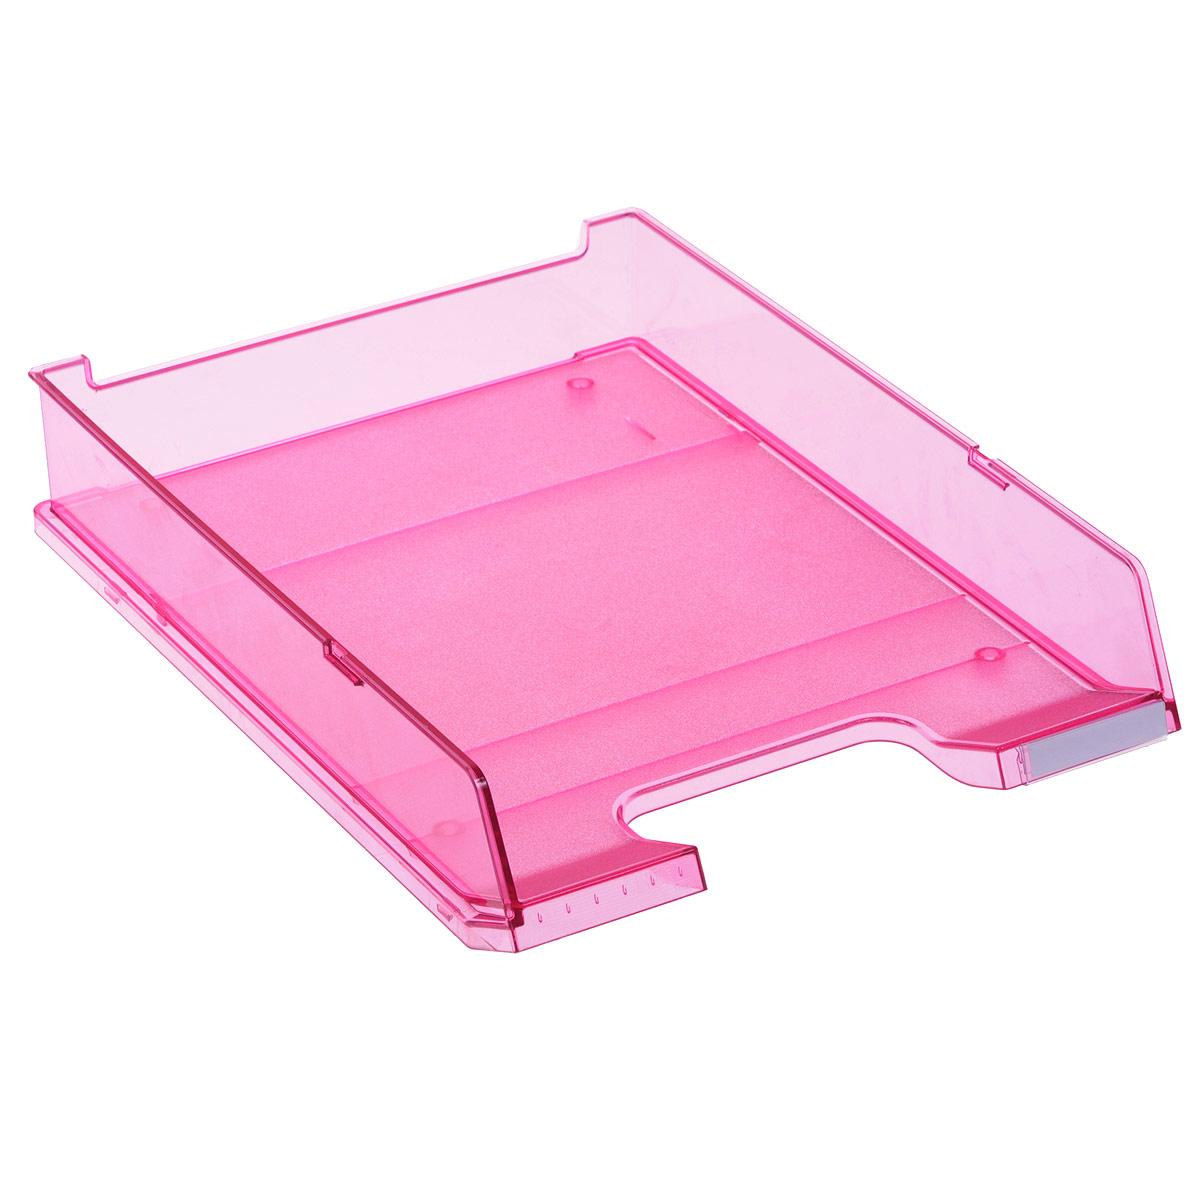 Лоток для бумаг горизонтальный HAN C4, прозрачный, цвет: малиновыйFS-54100Горизонтальный лоток для бумаг HAN C4 предназначен для хранения бумаг и документов формата А4. Лоток с оригинальным дизайном корпуса поможет вам навести порядок на столе и сэкономить пространство.Лоток изготовлен из экологически чистого прозрачного антистатического пластика. Приподнятая фронтальная часть лотка облегчает изъятие документов из накопителя. Лоток имеет пластиковые ножки, предотвращающие скольжение по столу. Также лоток оснащен небольшим прозрачным окошком для этикетки. Лоток для бумаг станет незаменимым помощником для работы с бумагами дома или в офисе, а его стильный дизайн впишется в любой интерьер. Благодаря лотку для бумаг, важные бумаги и документы всегда будут под рукой.Несколько лотков можно ставить друг на друга, один в другой и друг на друга со смещением.